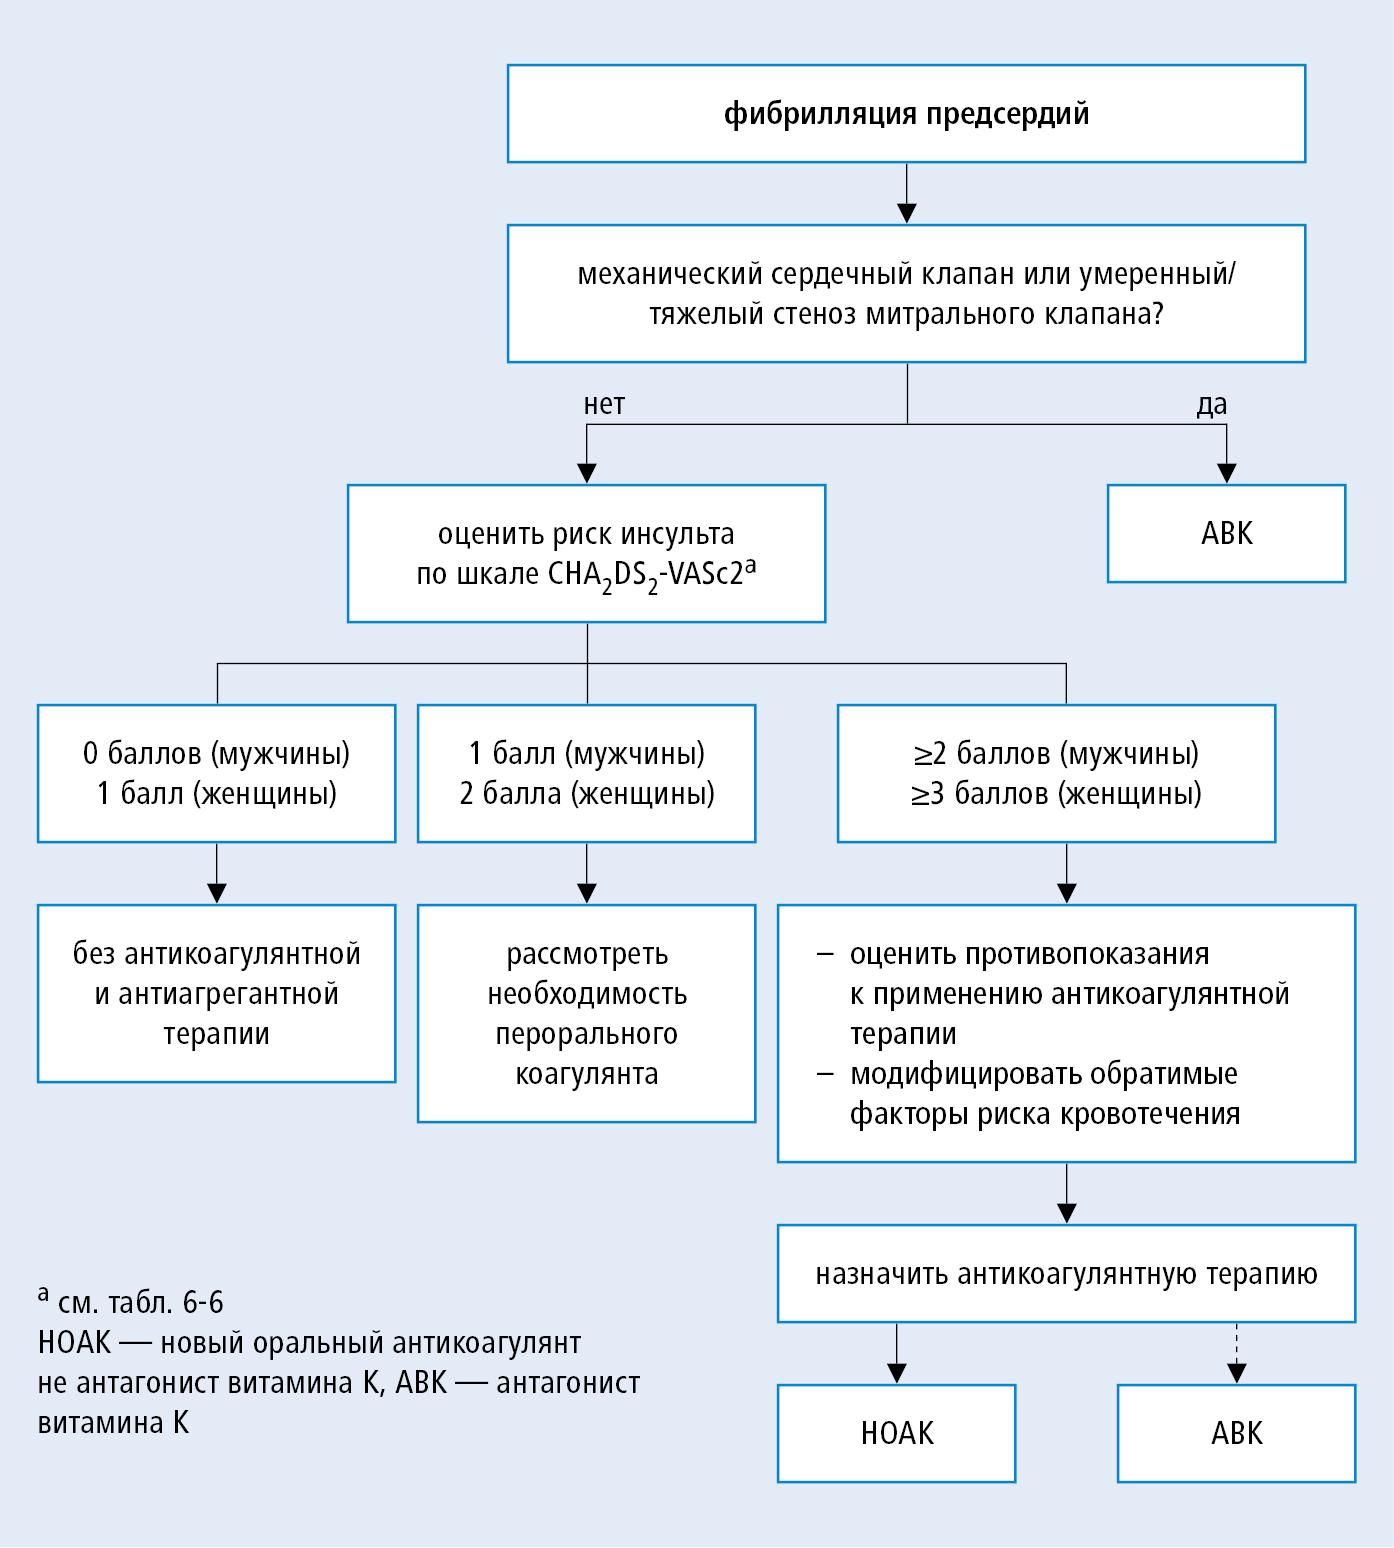 Профилактика инсультов у больных с фибрилляцией предсердий (на основании ESC 2016, модифицировано)